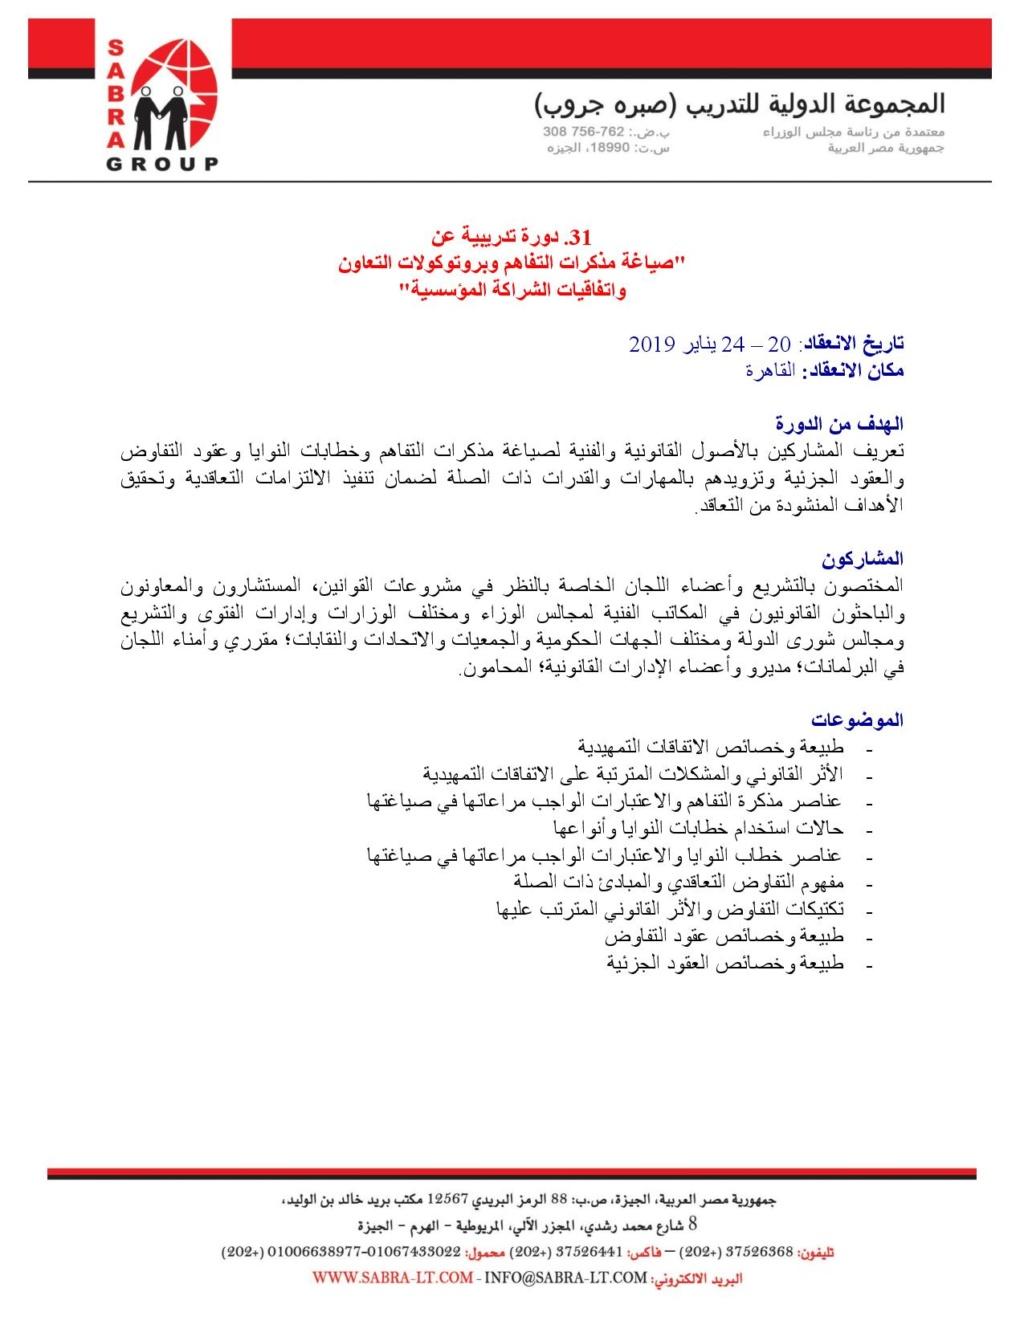 صياغة مذكرات التفاهم وبروتوكولات التعاون واتفاقيات الشراكة المؤسسية Aao_ao10